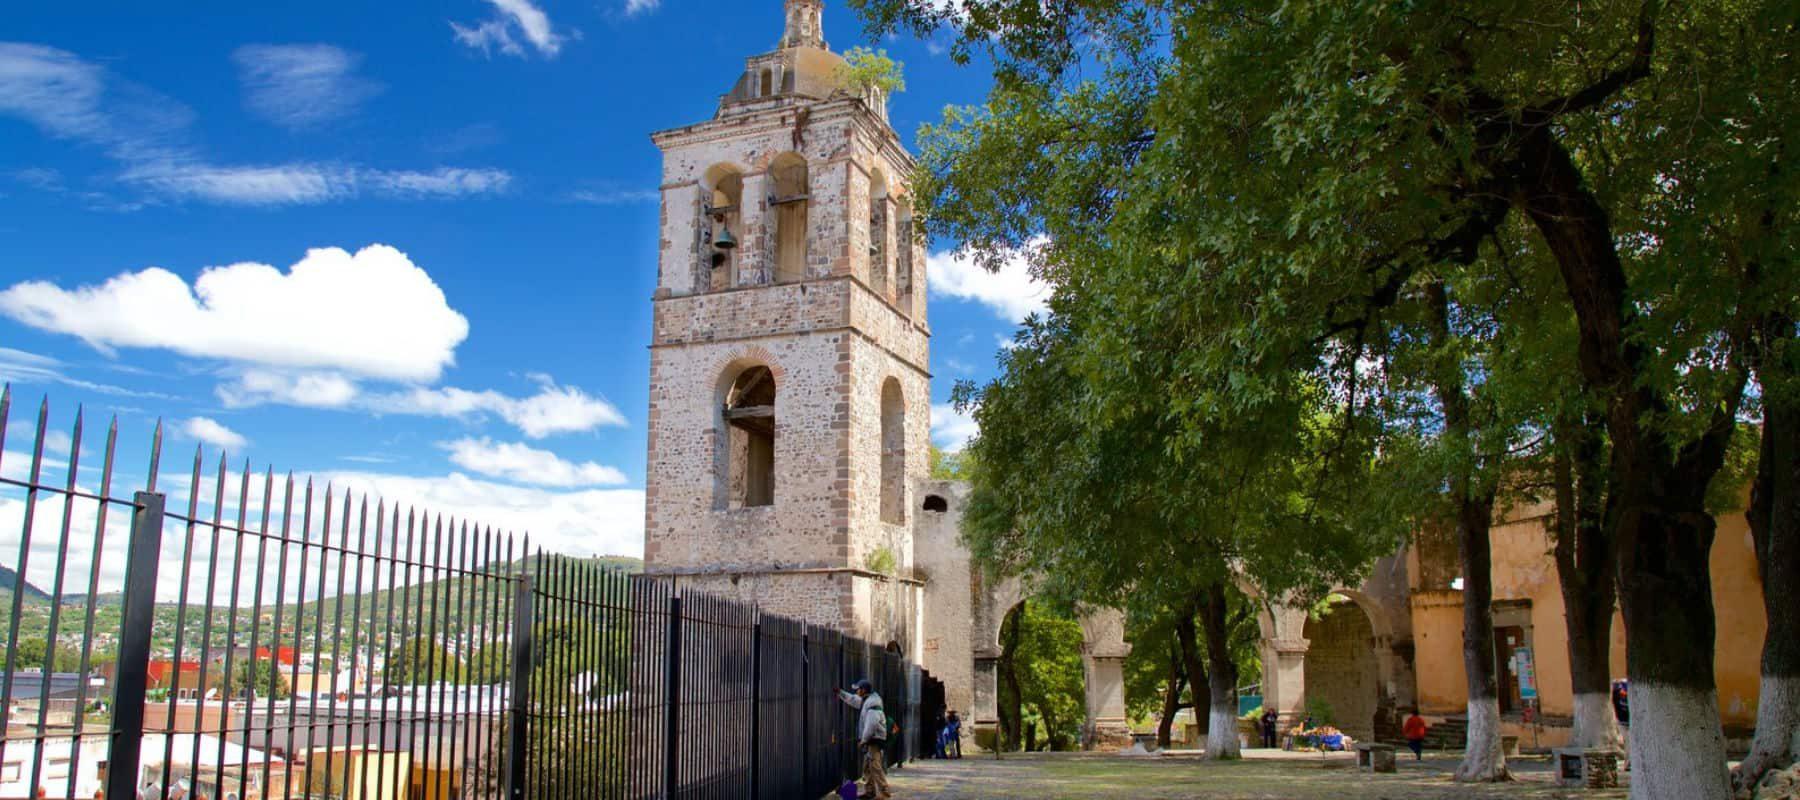 Turismo En Tlaxcala Travel Guide